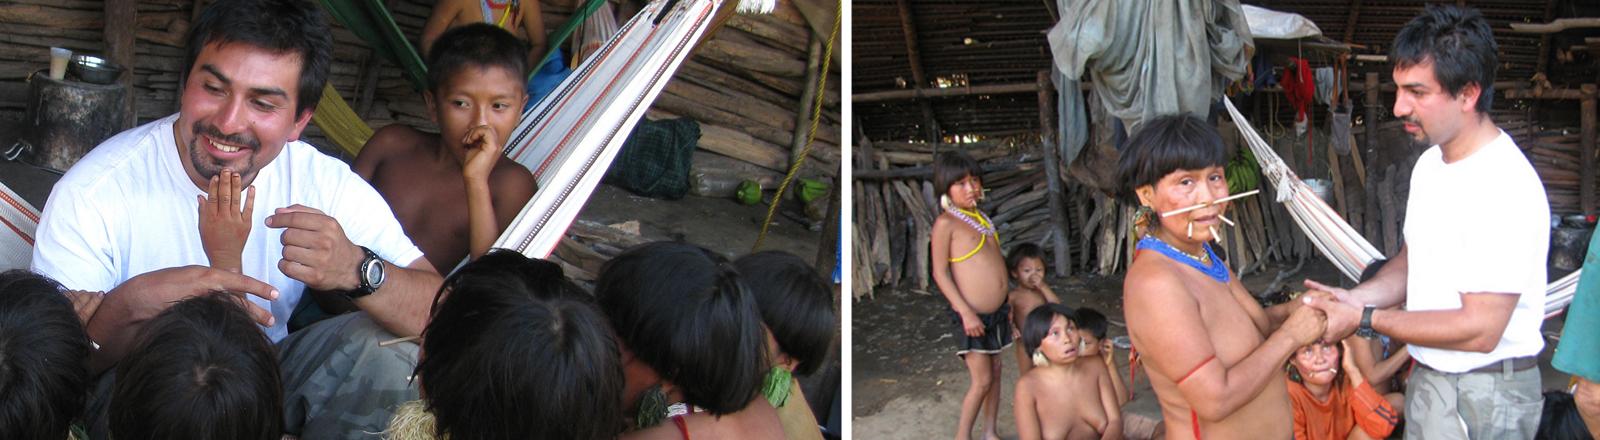 David Good trifft nach 20 Jahren zum ersten Mal seine Mutter bei den Yanomami wieder